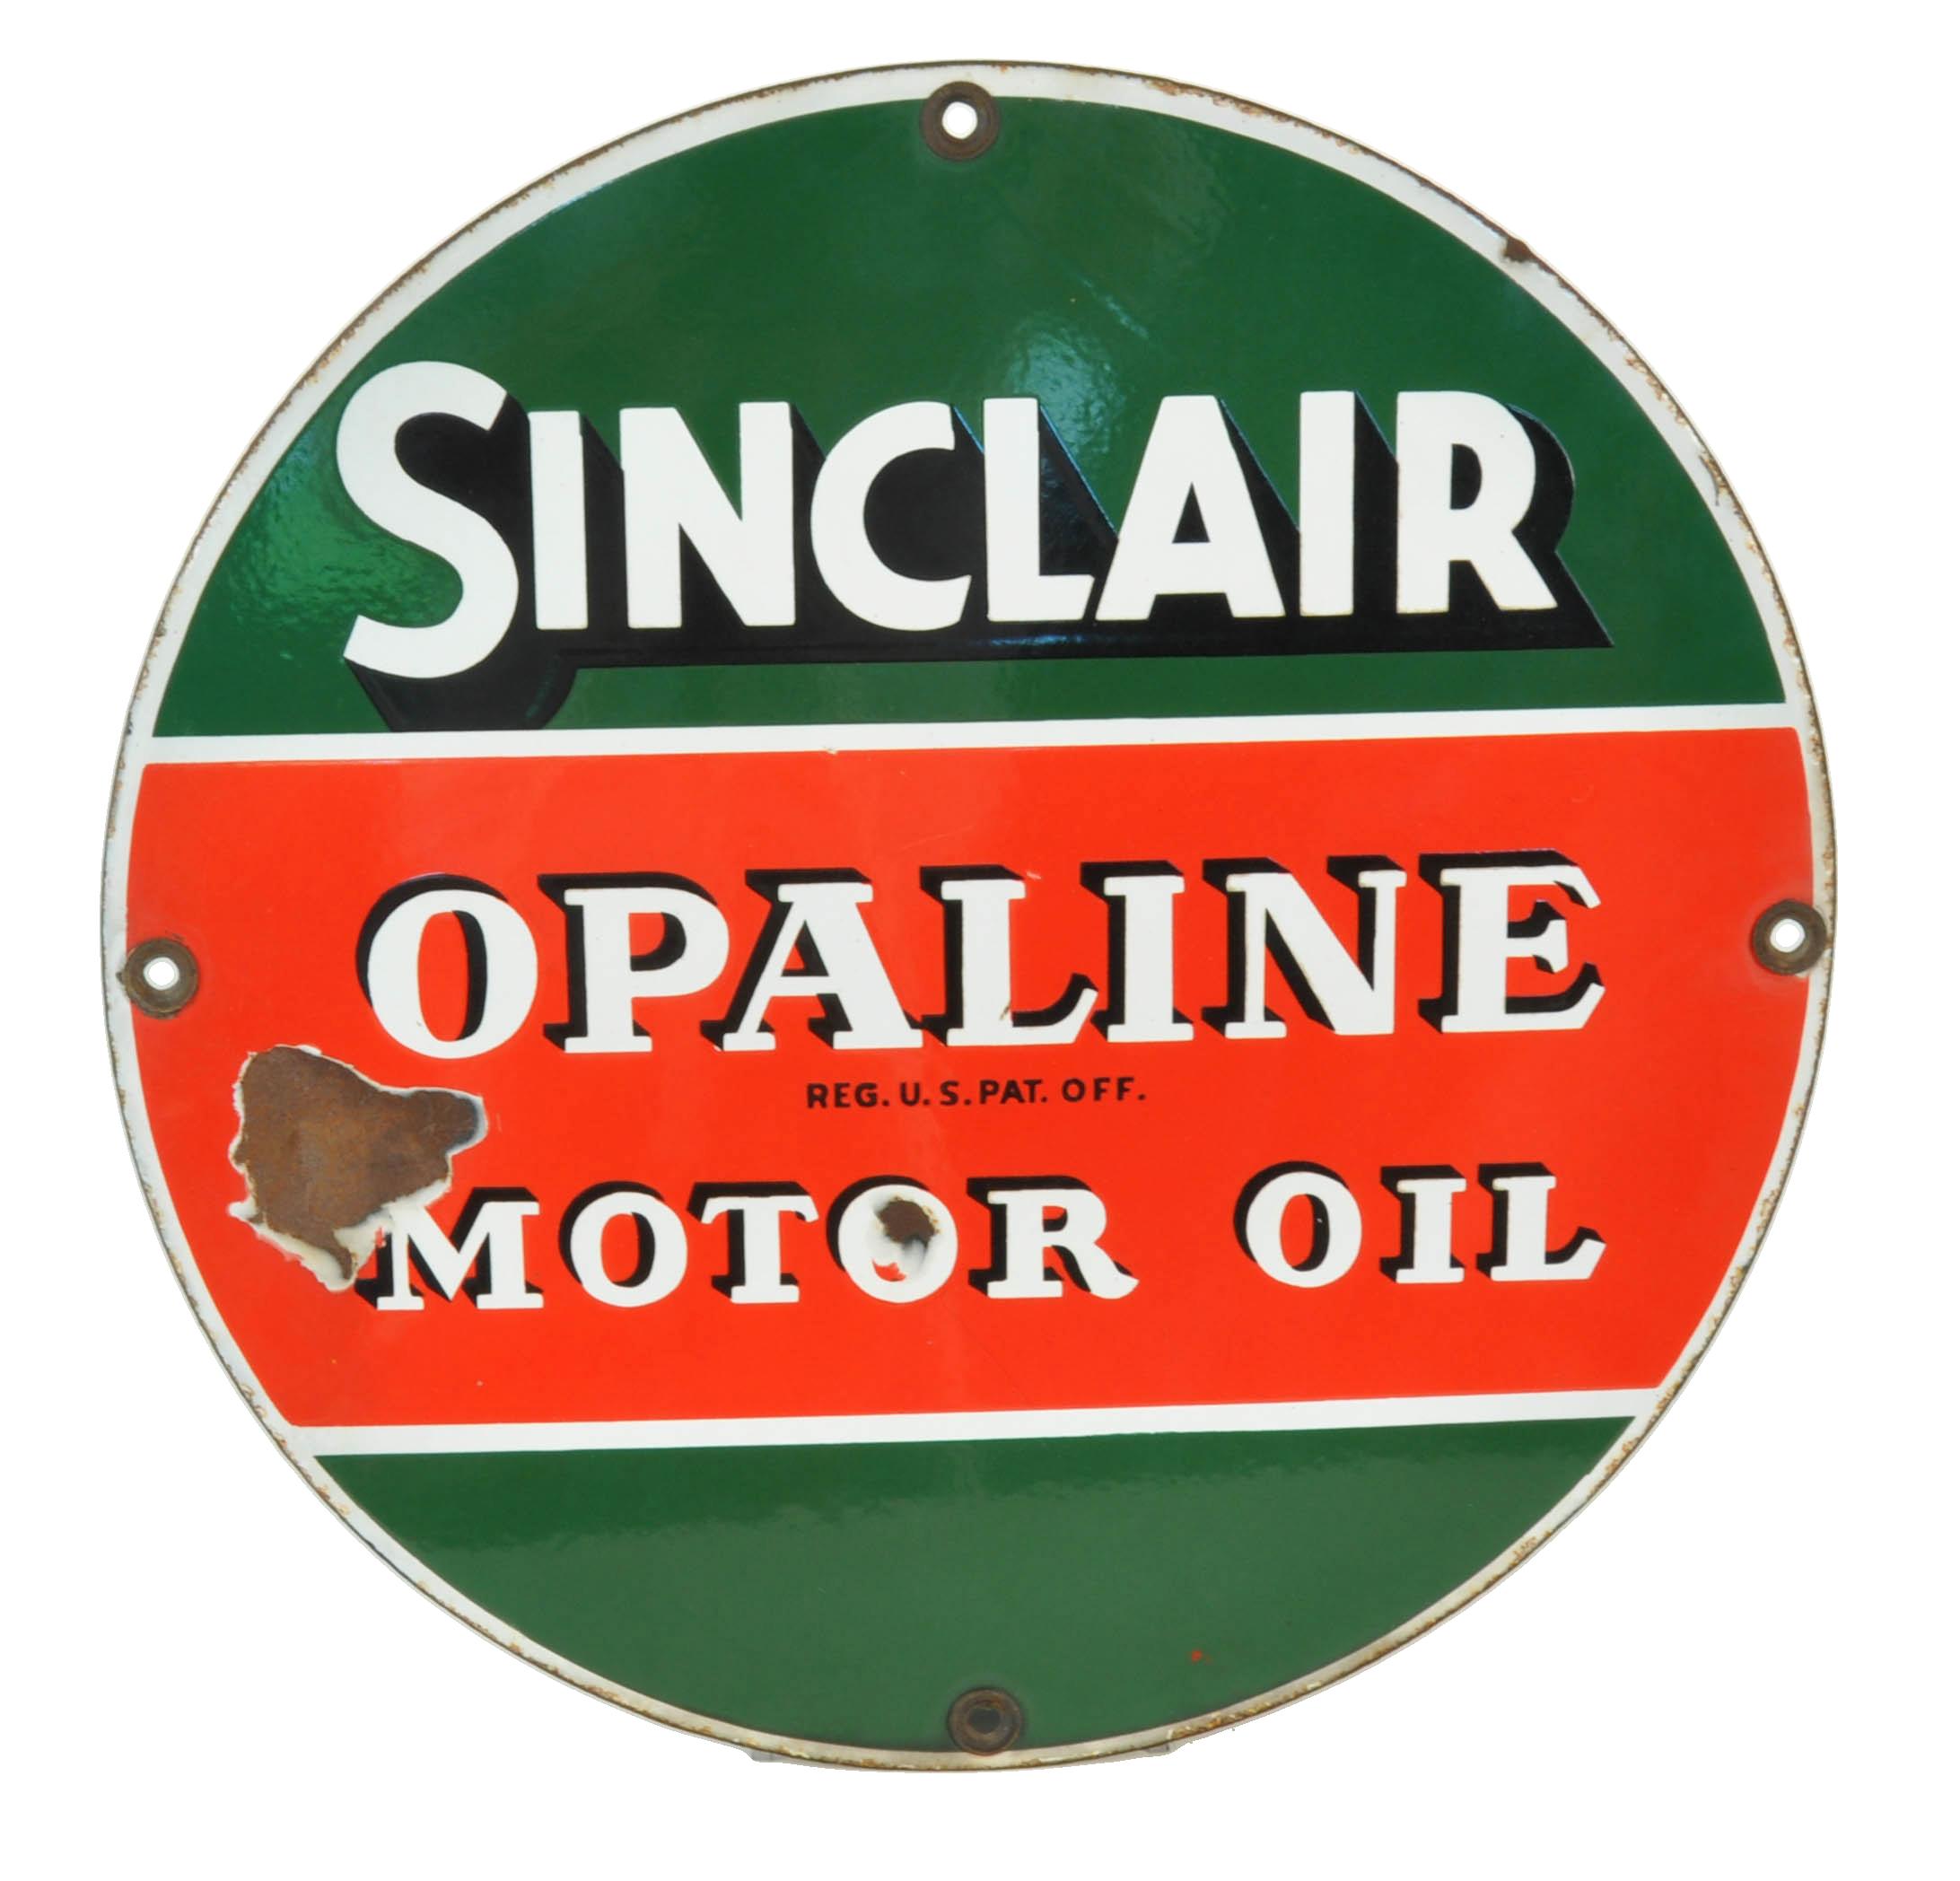 ... Sinclair Opaline Motor Oil Porcelain Sign. Previous; Next